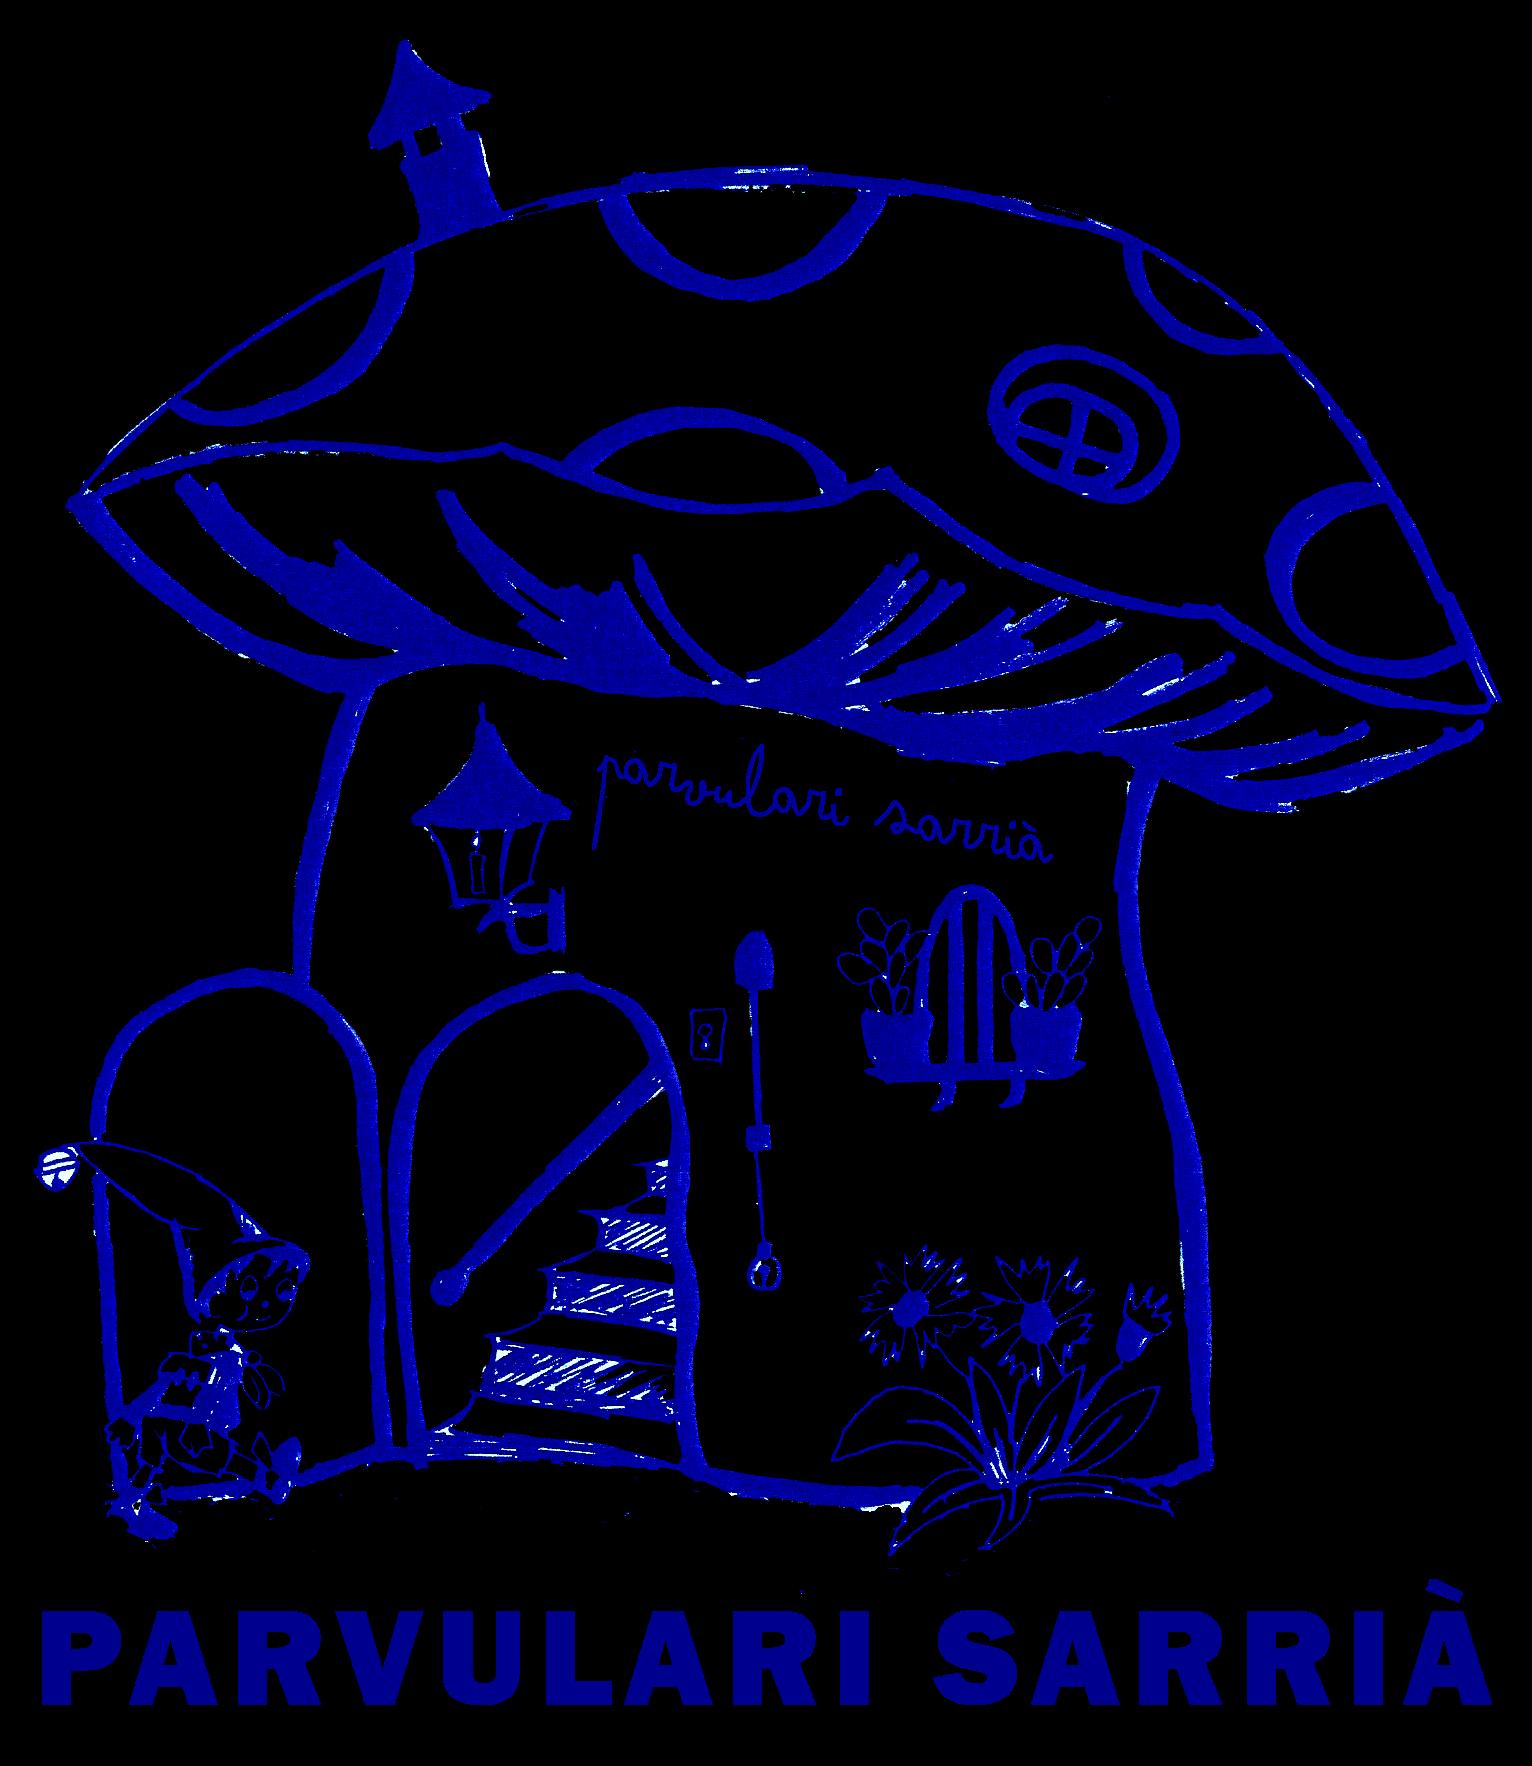 Parvulari Sarrià Logo